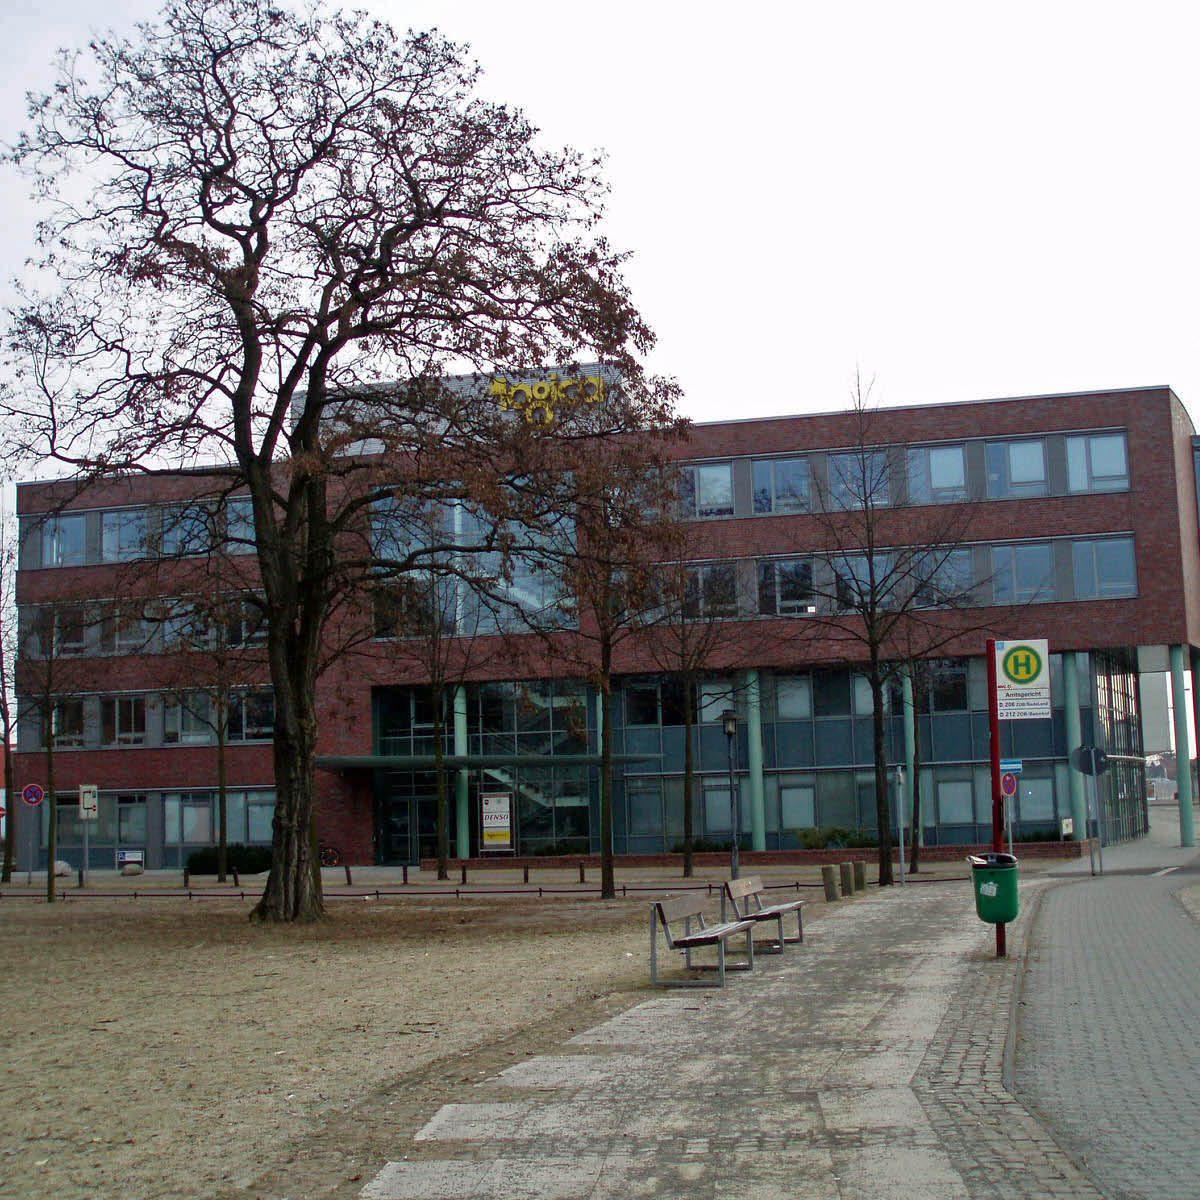 Rothenfelder Straße in Wolfsburg